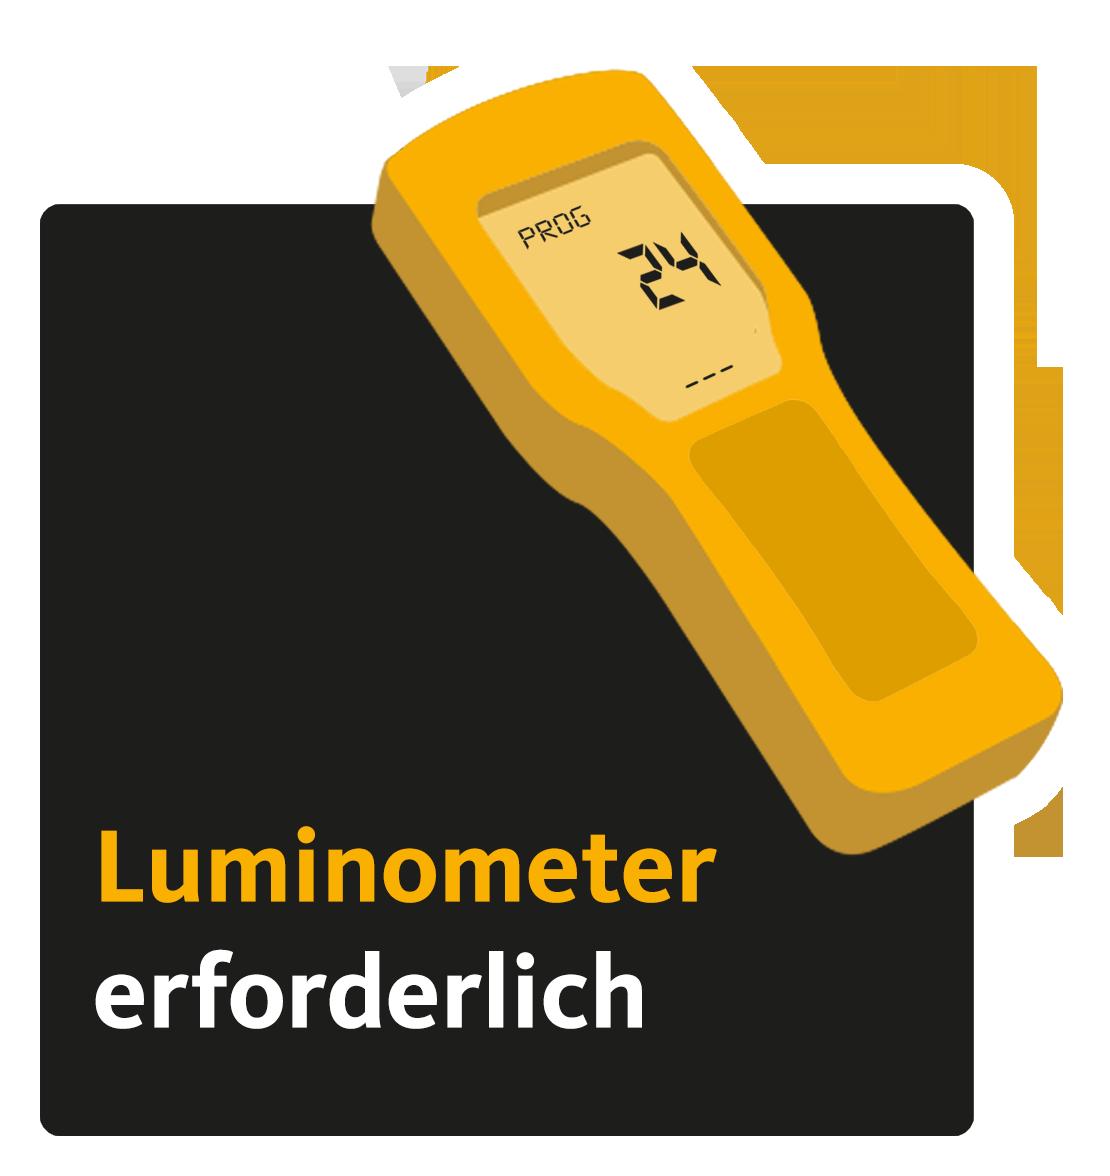 Luminometer erforderlich